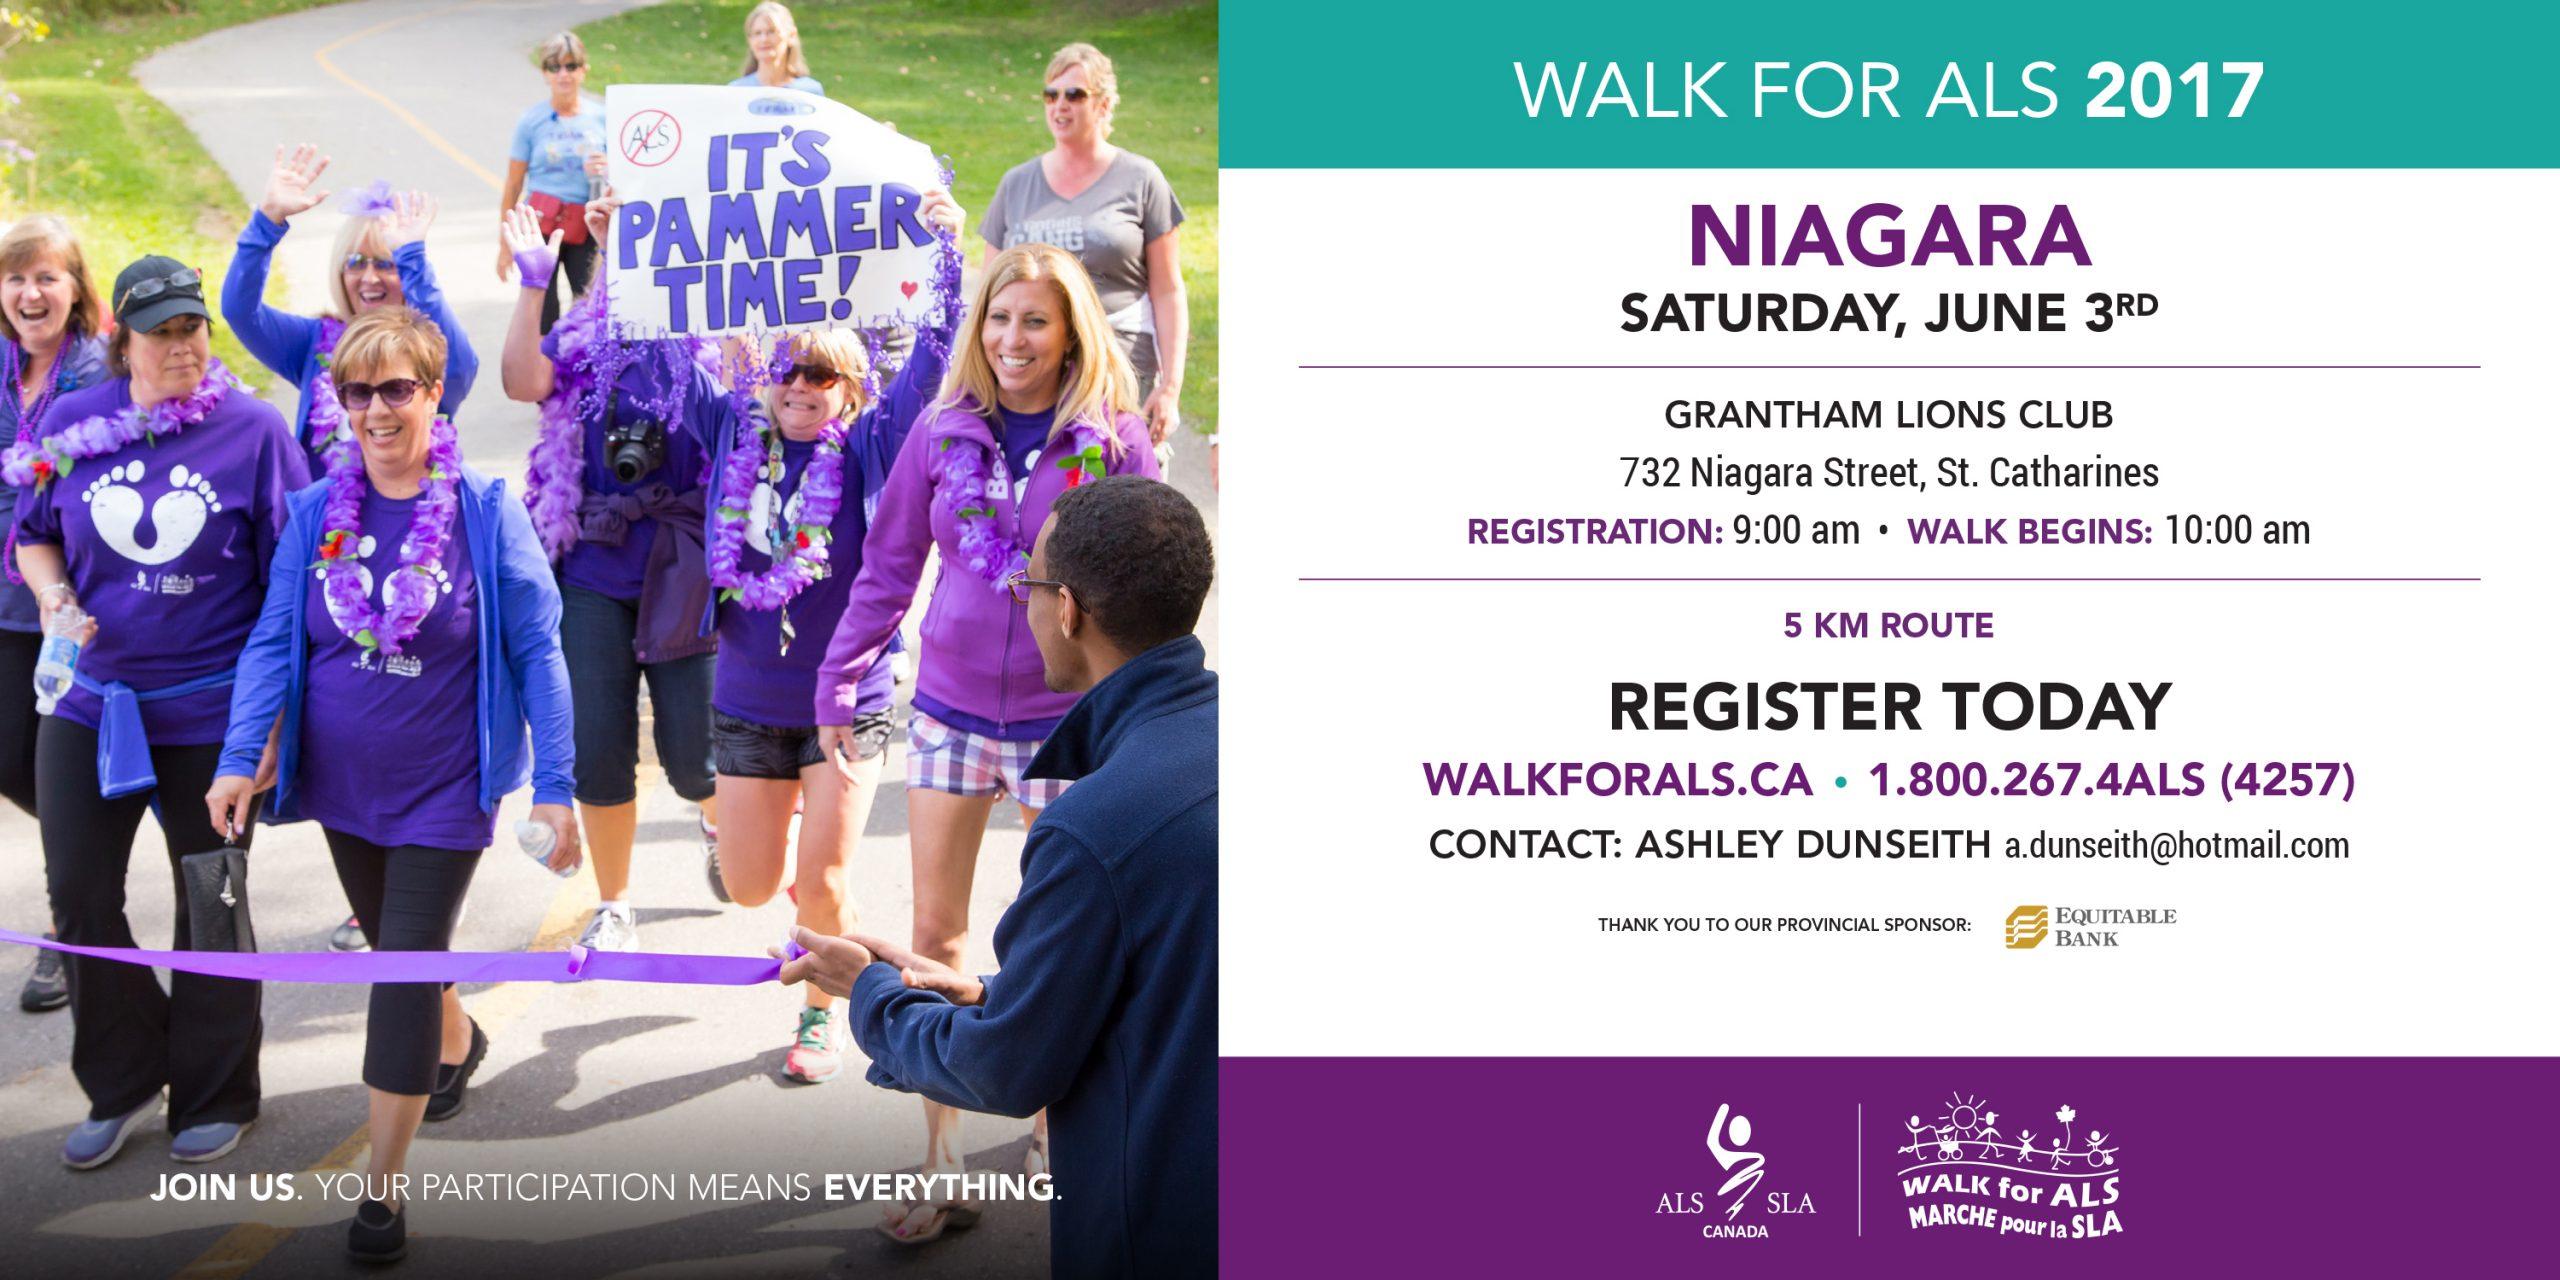 Walk for ALS